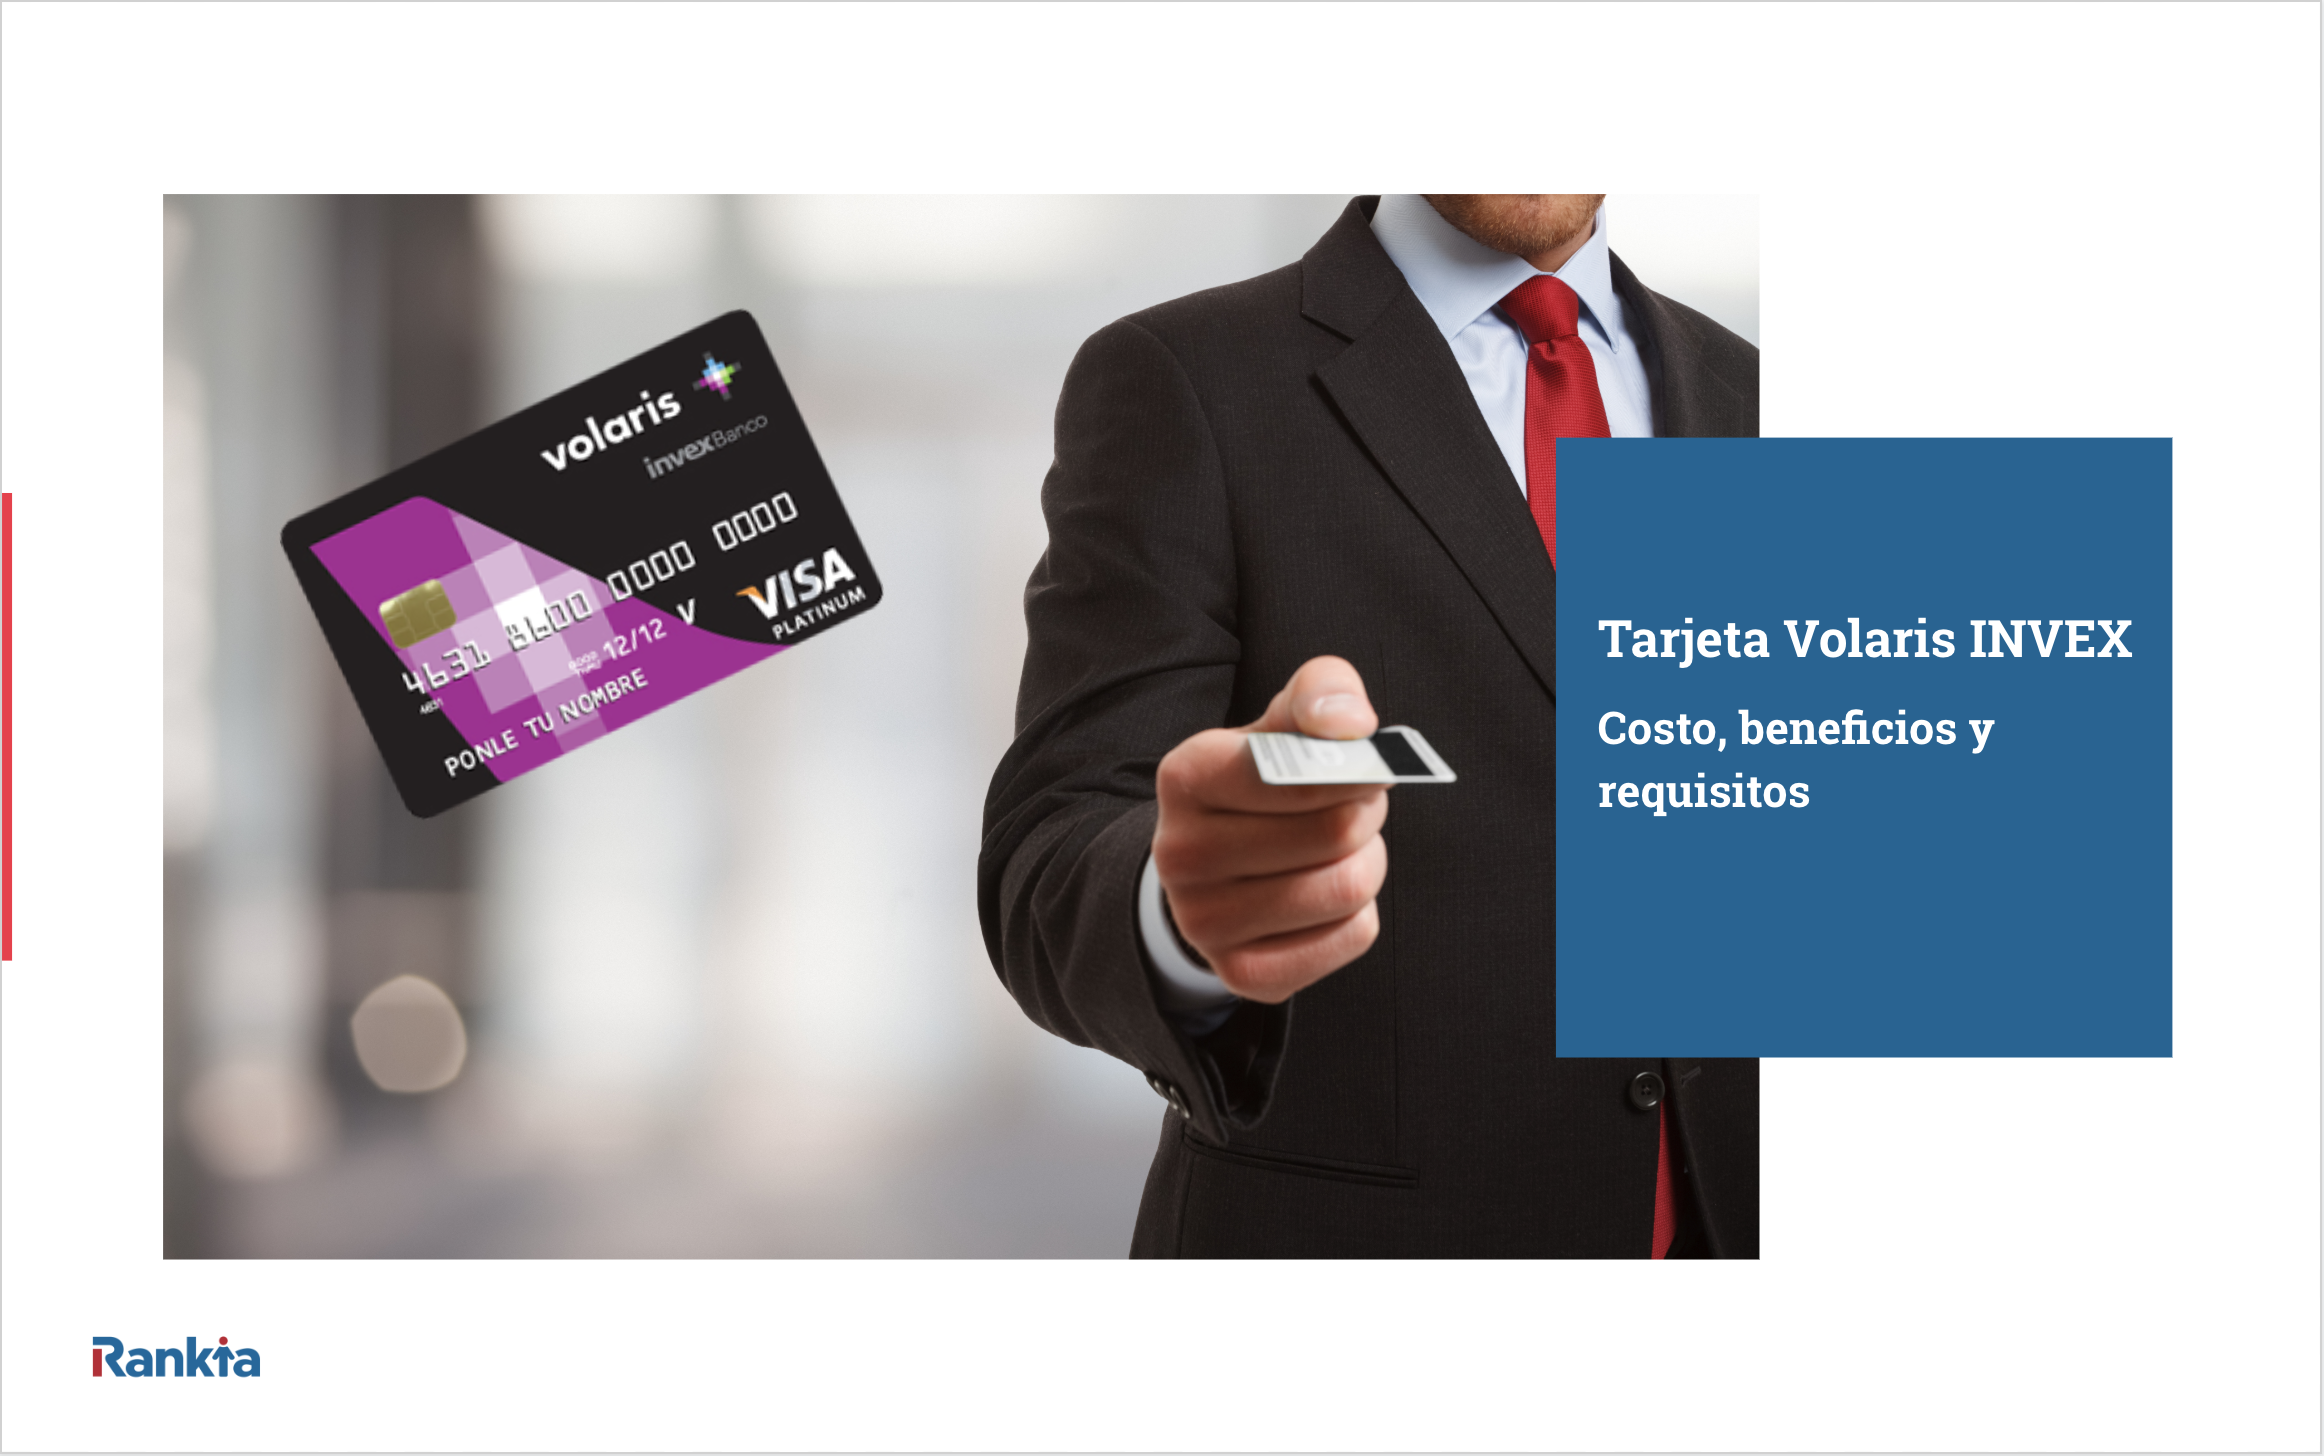 Tarjeta Volaris INVEX: costo, beneficios y requisitos